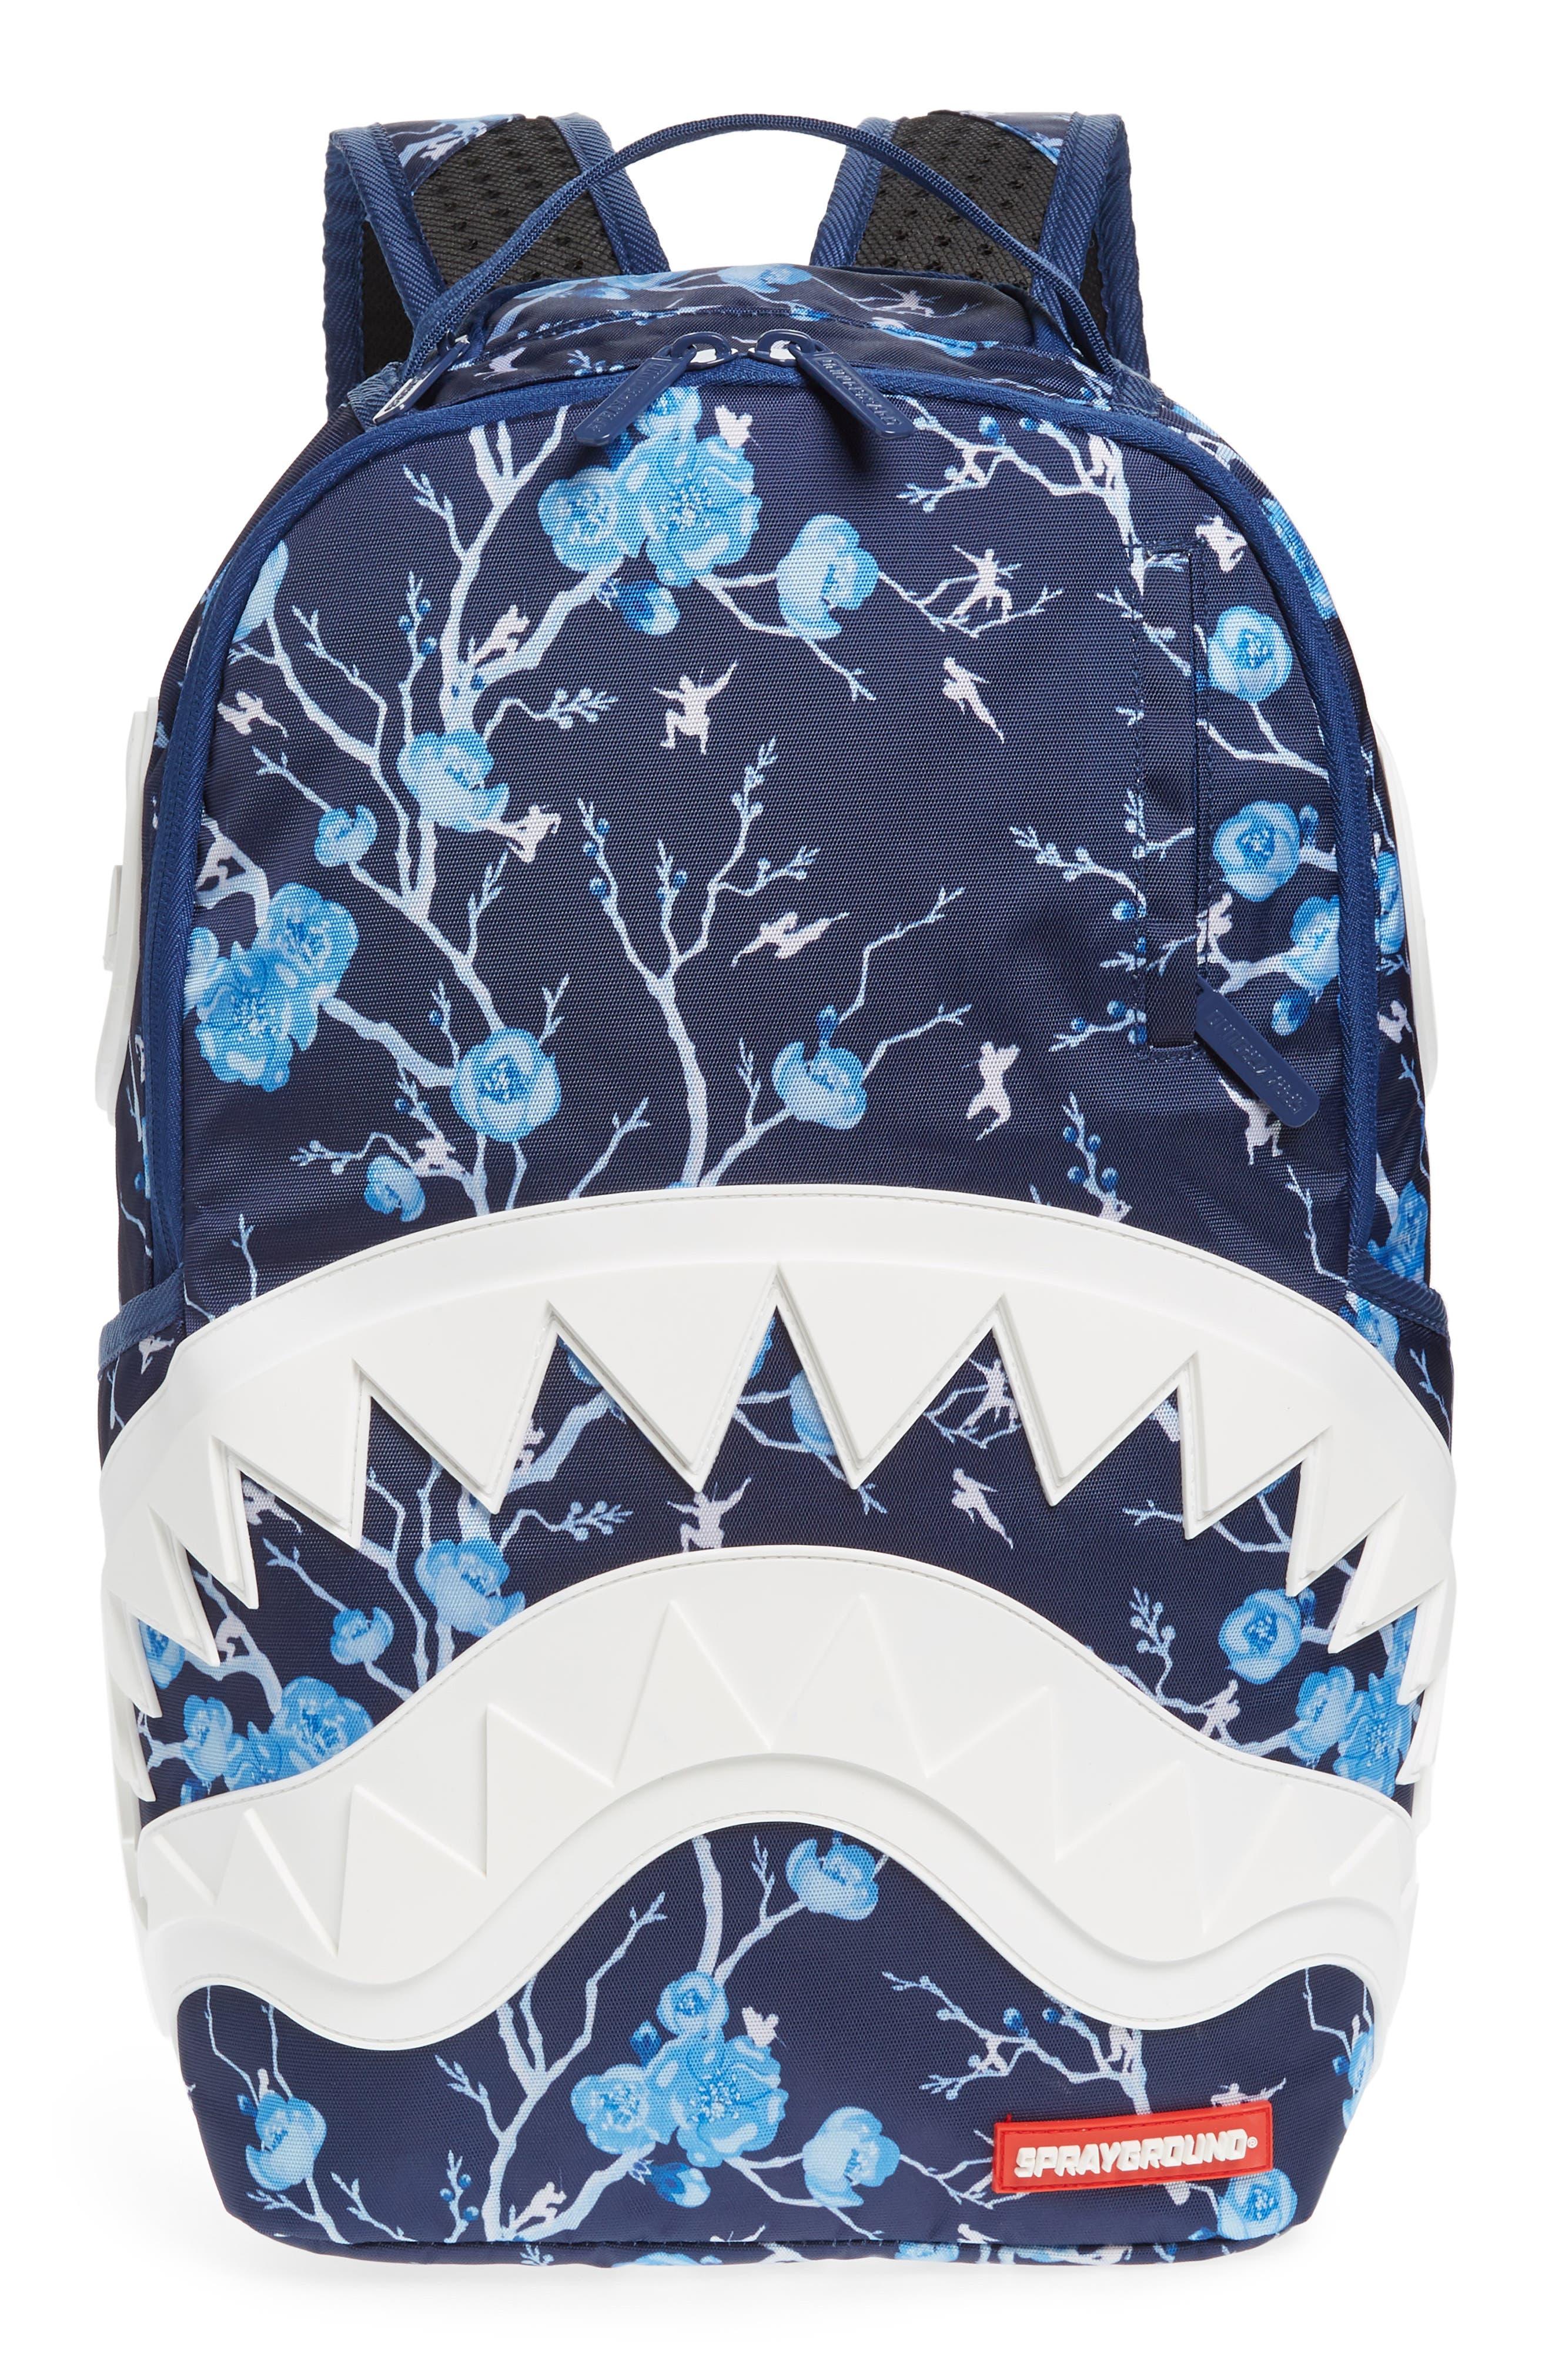 Sprayground Cherry Blossom Rubber Shark Backpack